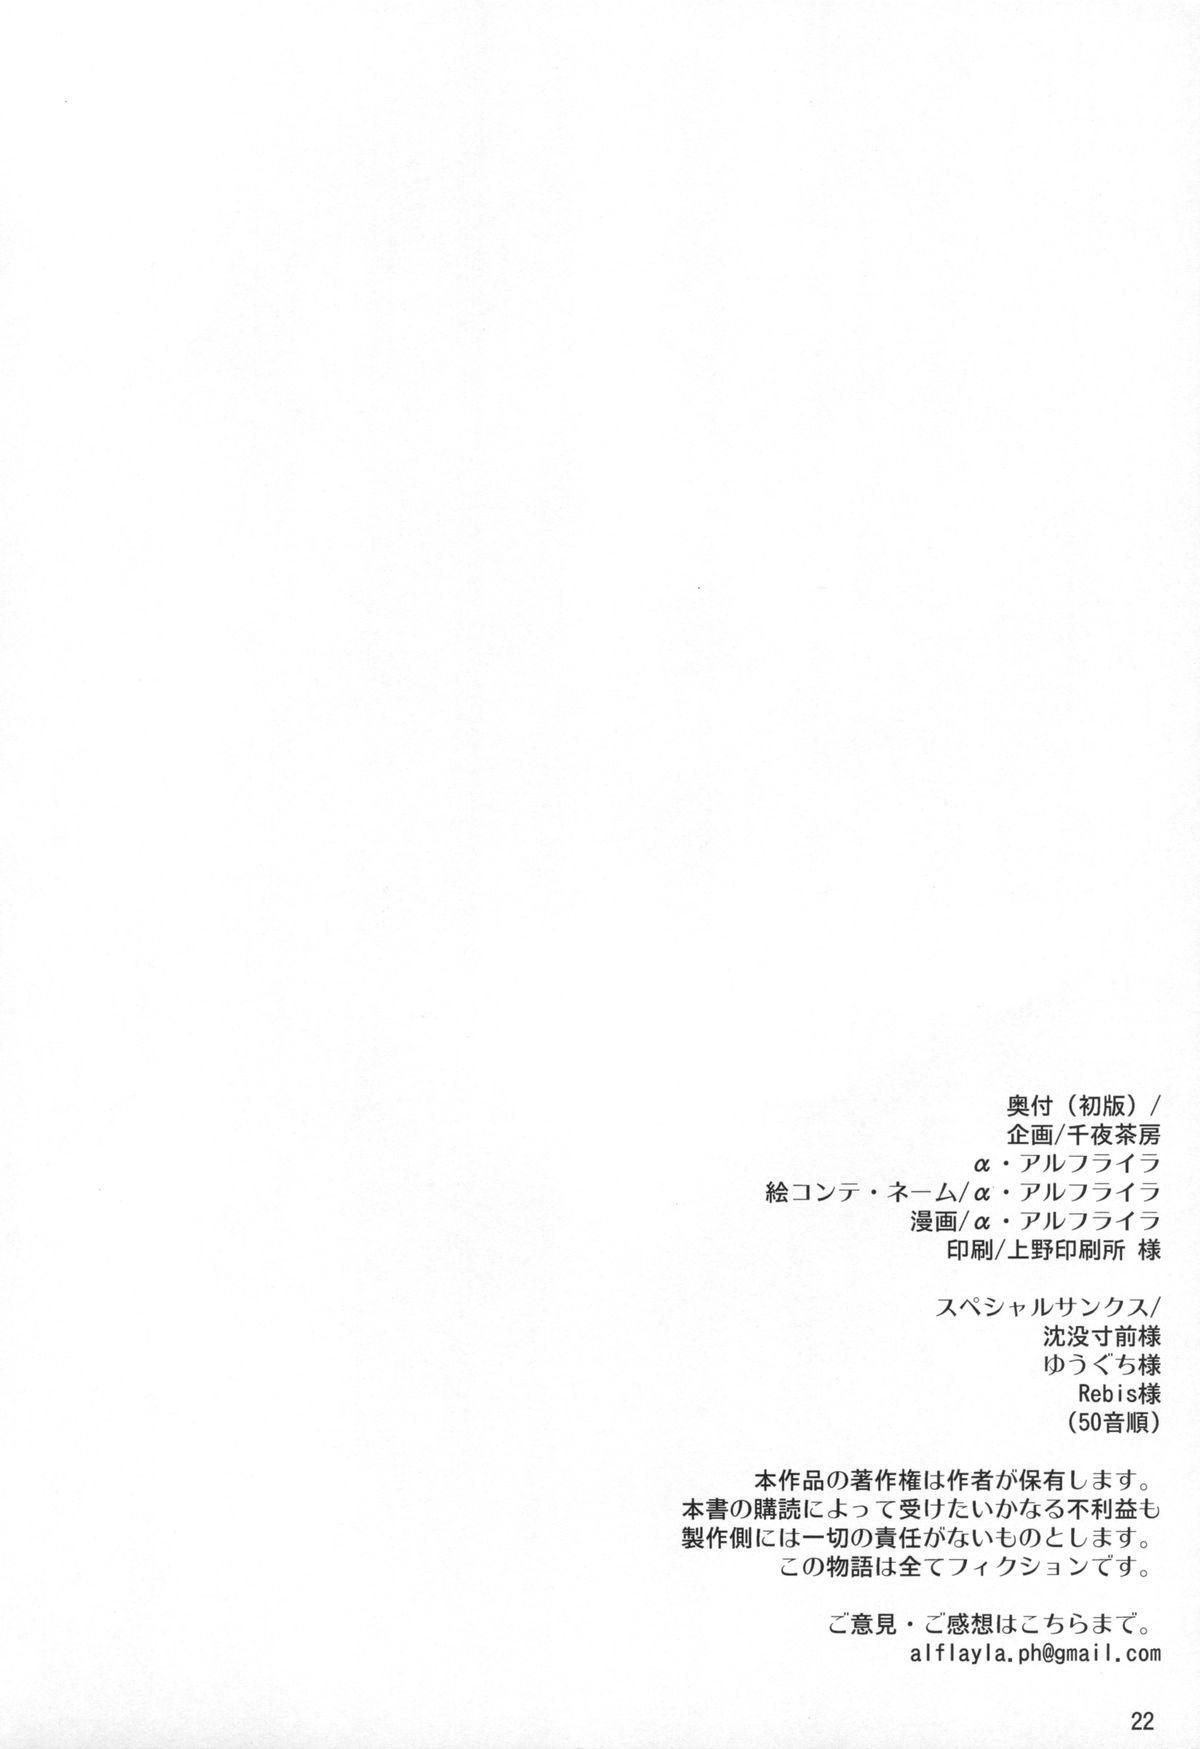 Futanari Onee-san x Otokonoko Cosplayer ♥ Mesu Ochi Choukyou 20